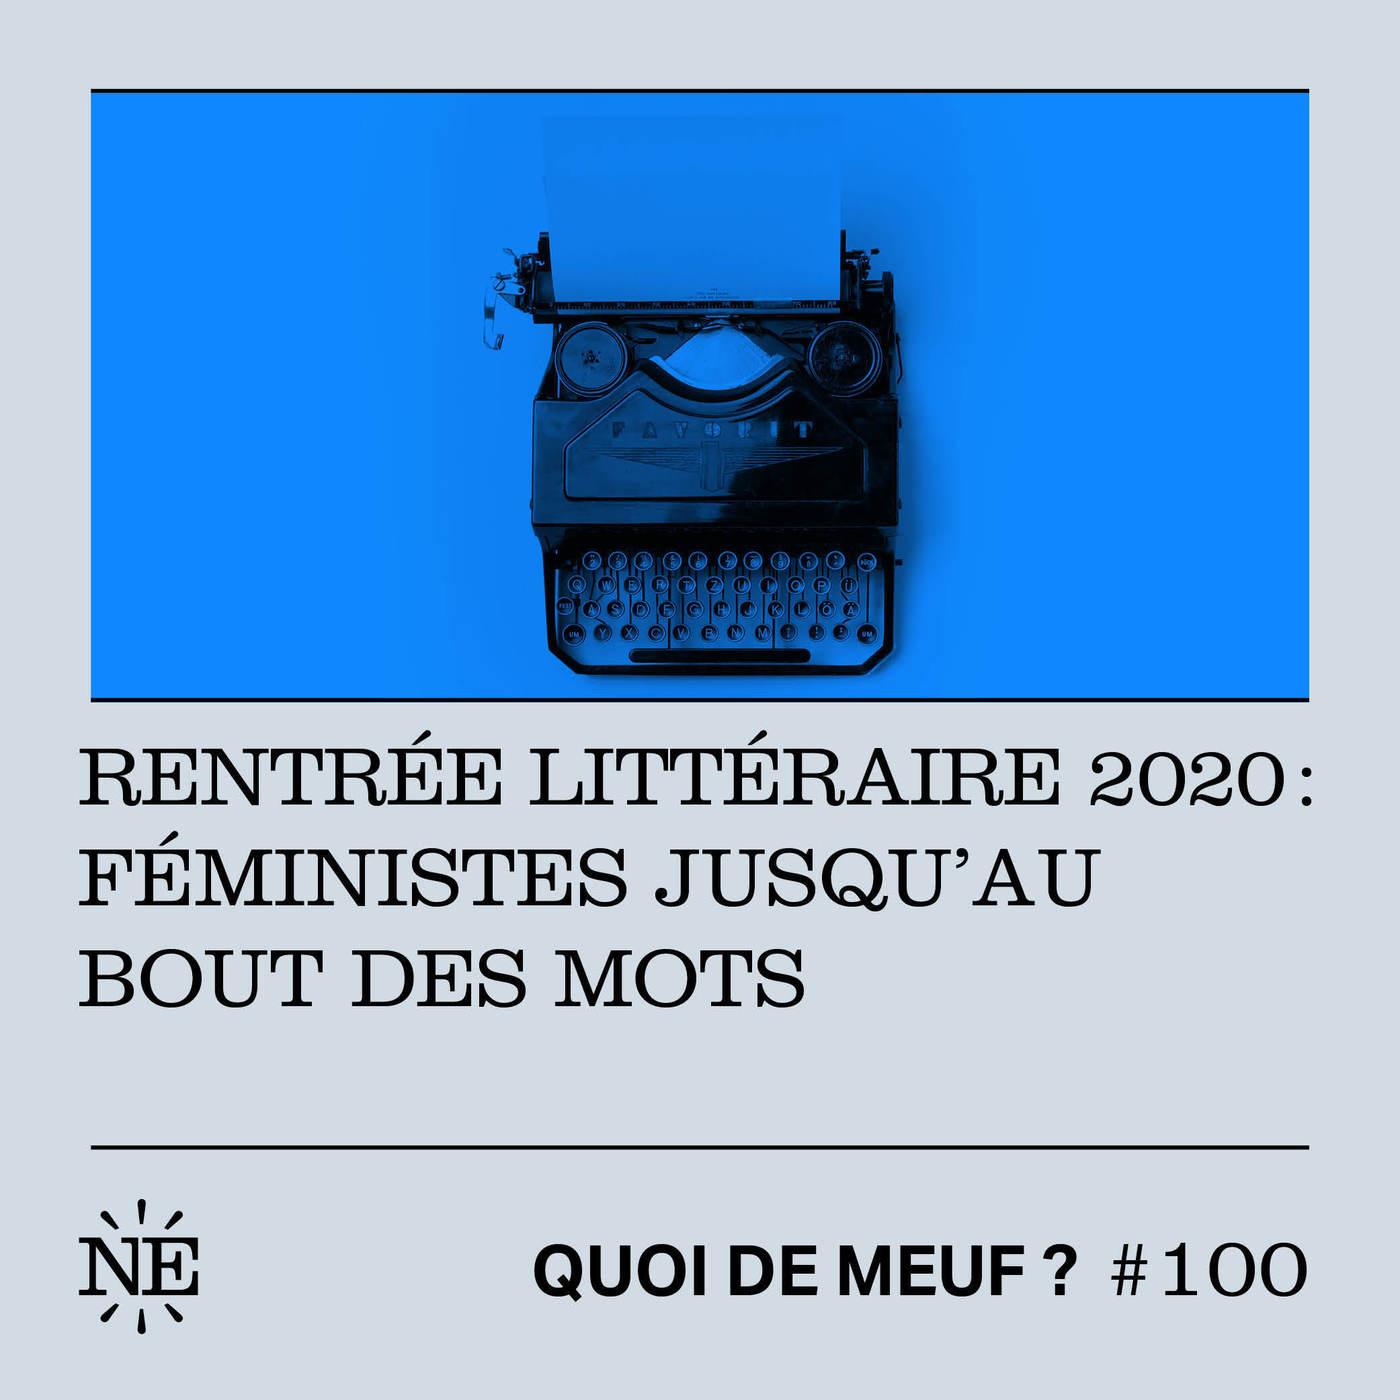 #100 - Rentrée littéraire 2020 : Féministes jusqu'au bout des mots